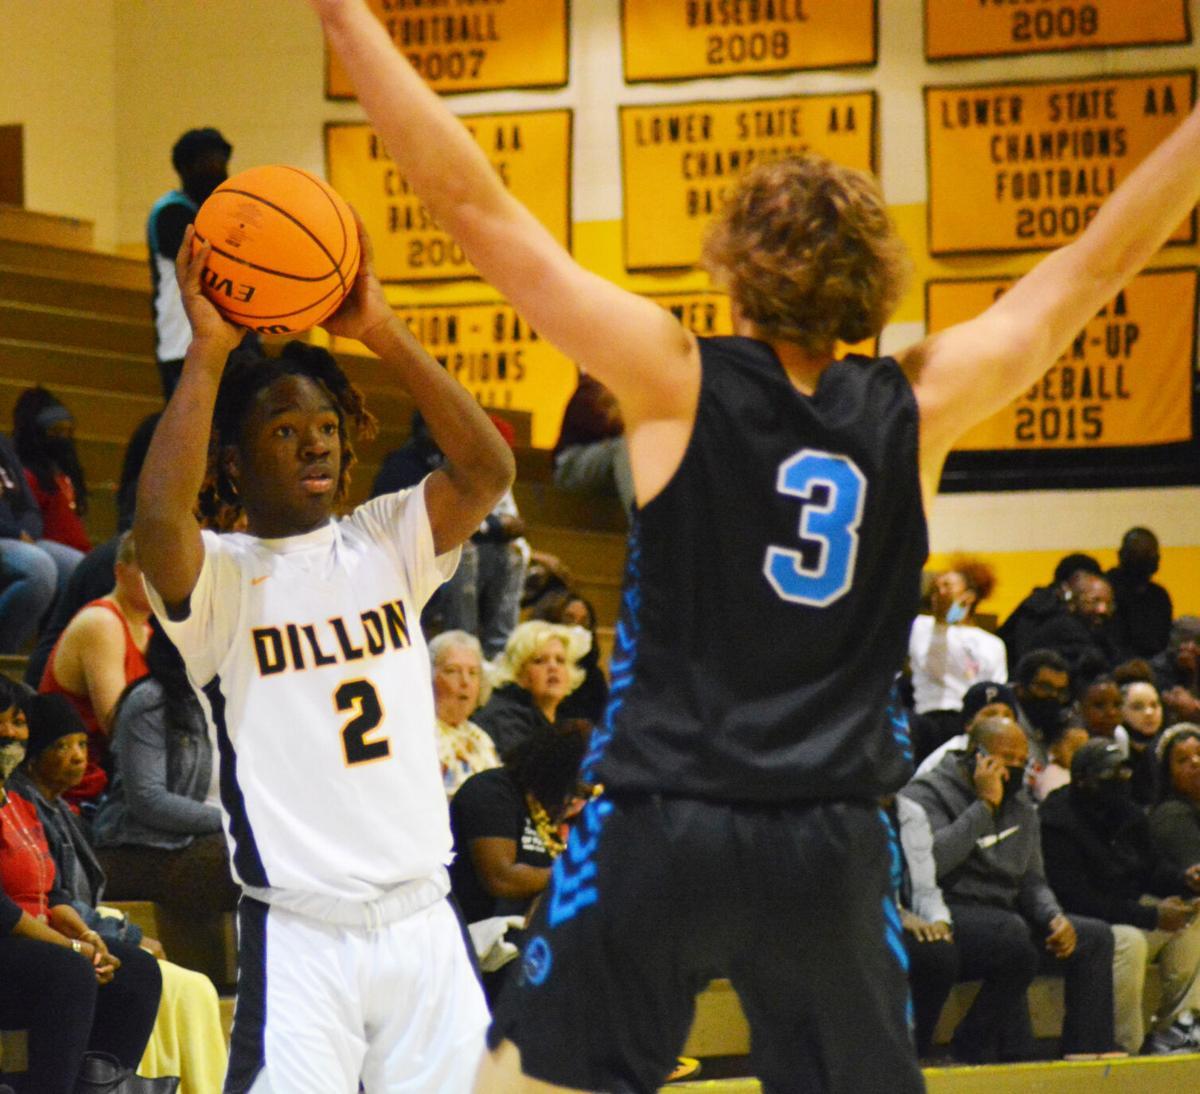 Dillon vs. Oceanside Basketball